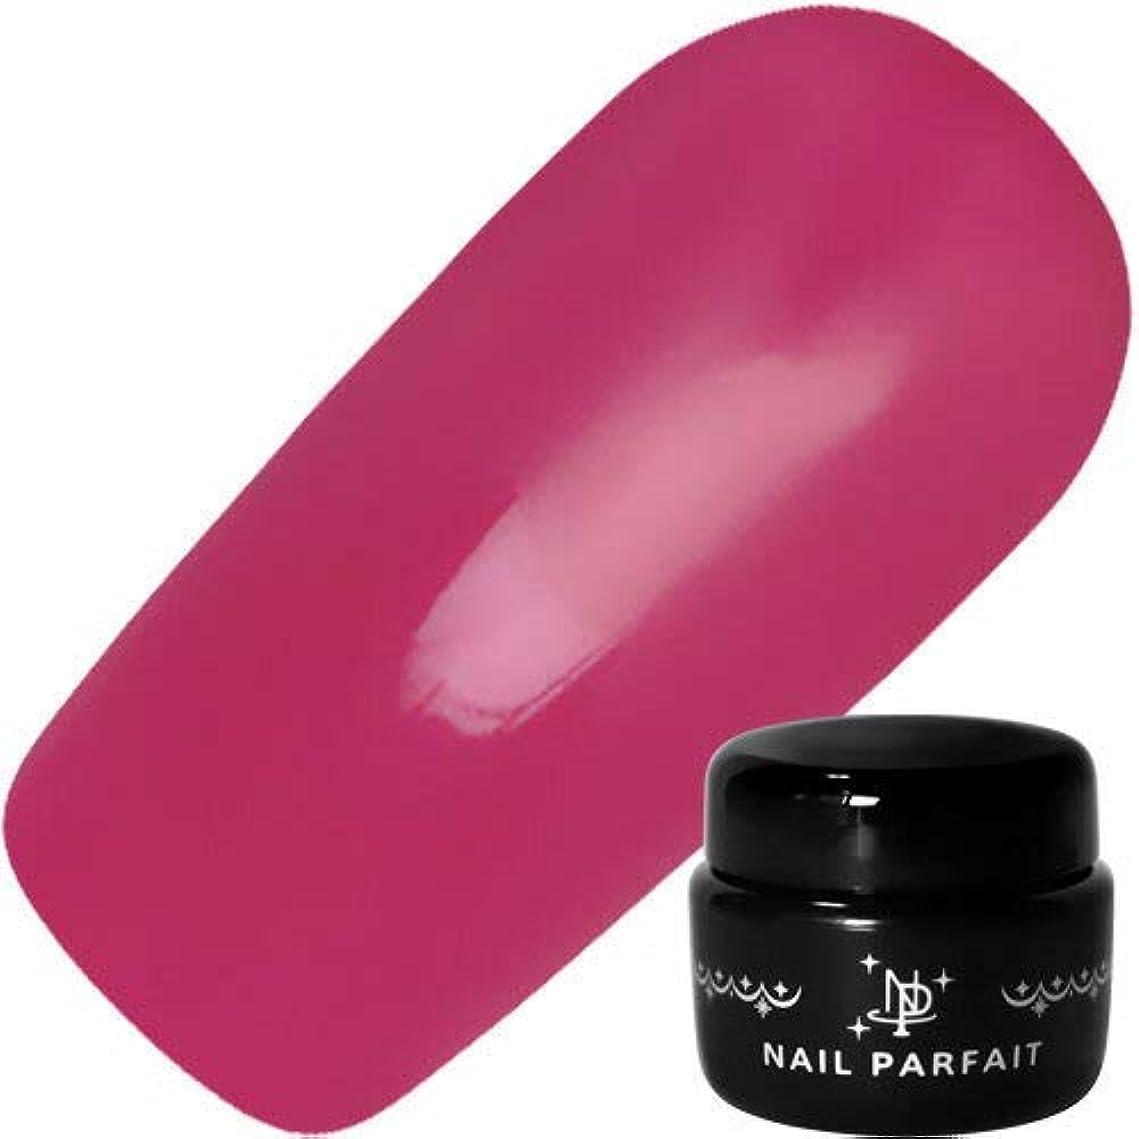 理想的染色弾性NAIL PARFAIT ネイルパフェ カラージェル A42ツツジ 2g 【ジェル/カラージェル?ネイル用品】